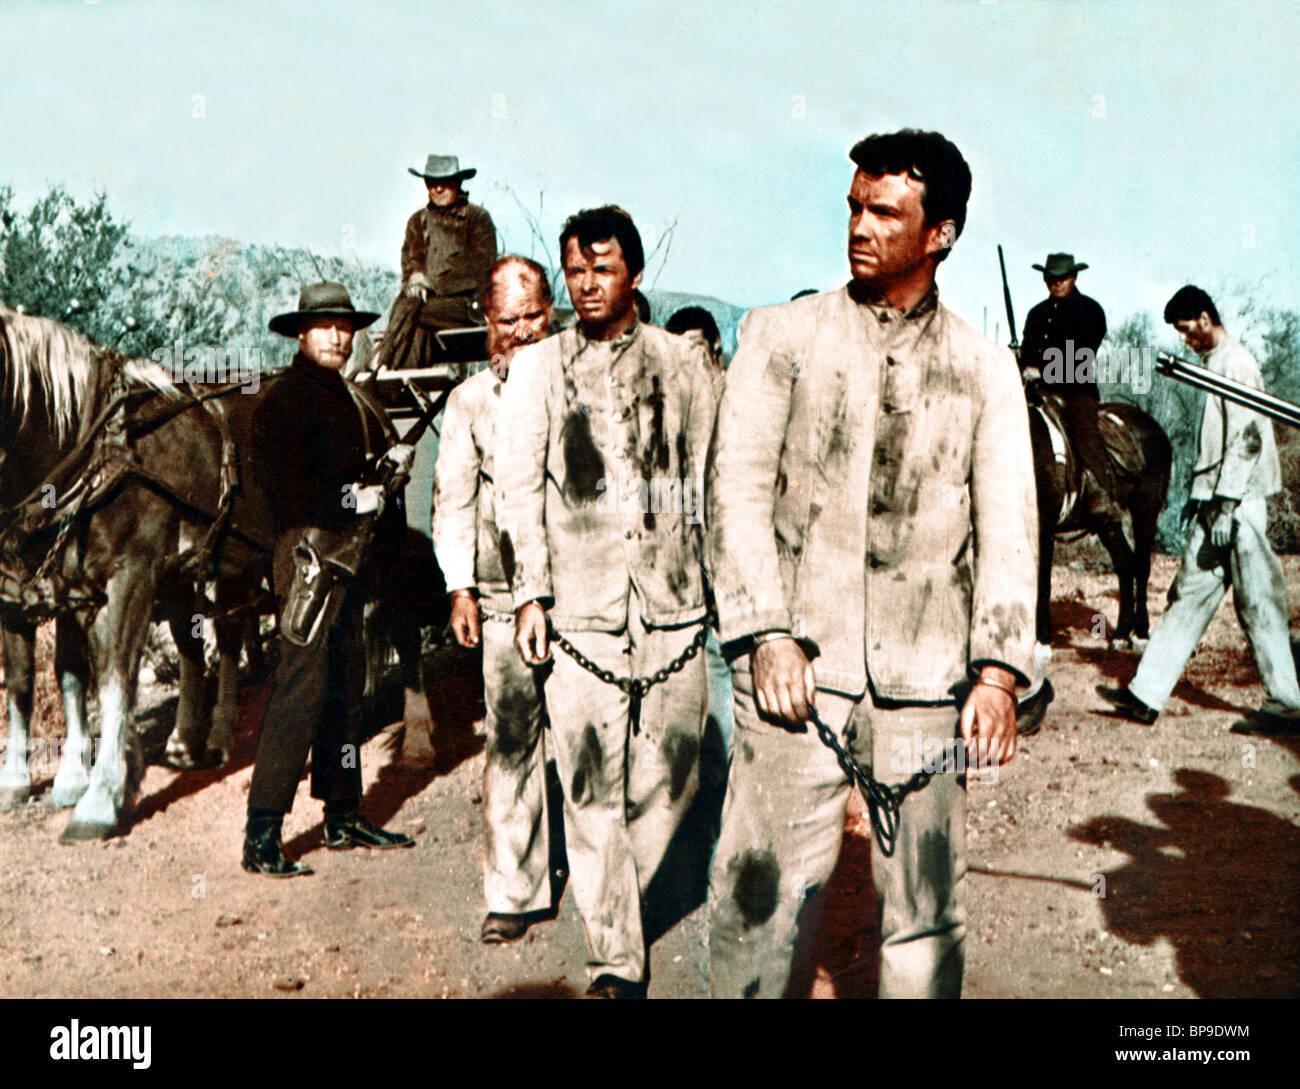 Audie Murphy Ben Cooper Arizona Raiders 1965 Stock Photo